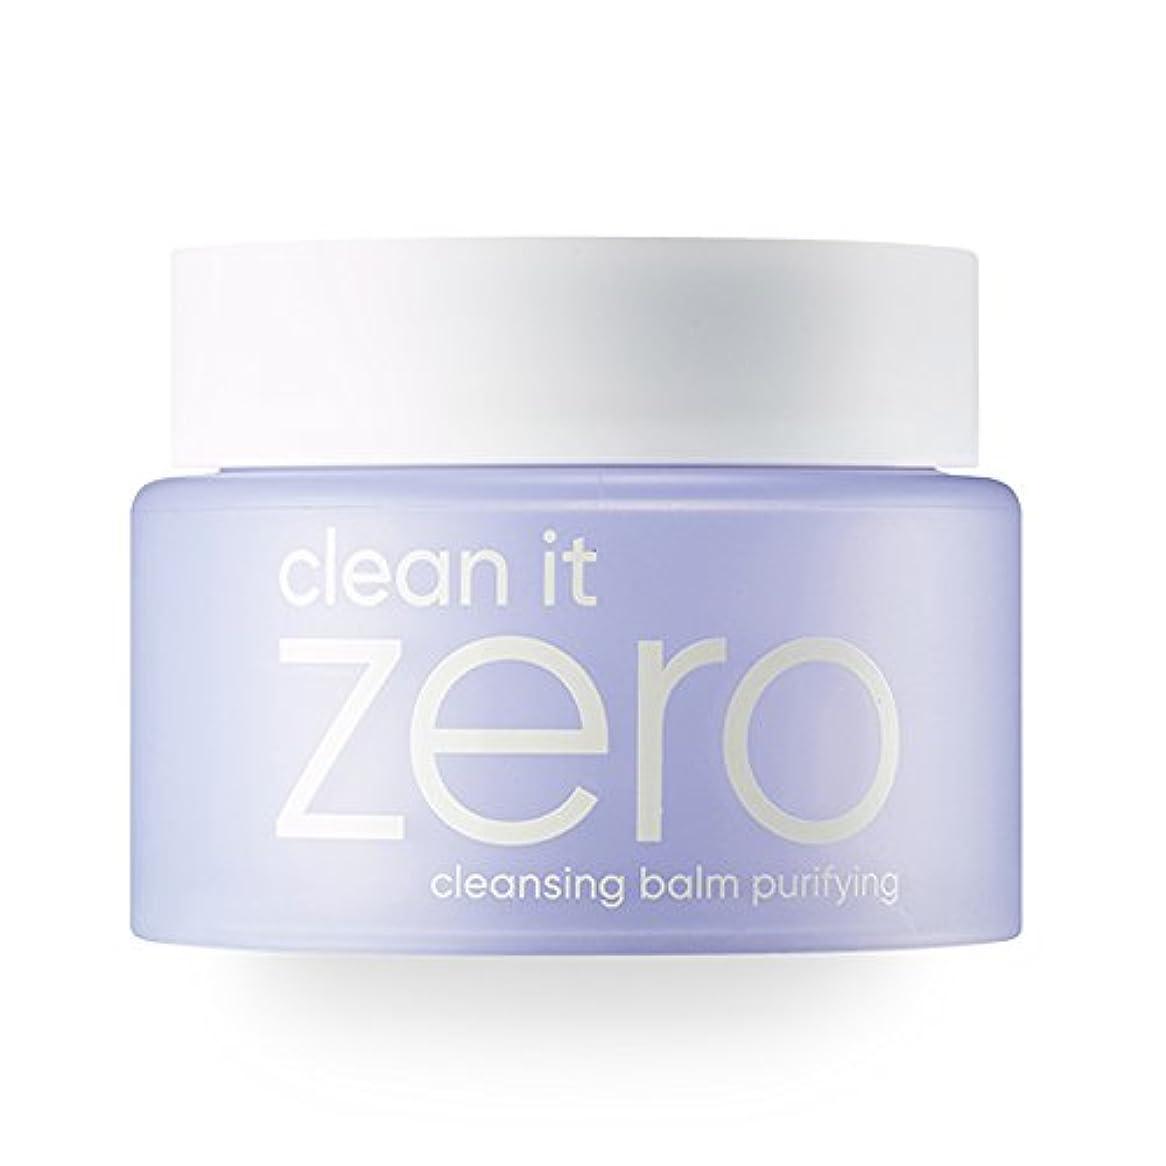 ストローク持続する解放BANILA CO(バニラコ) クリーン イット ゼロ クレンジング バーム ピュリファイング Clean It Zero Purifying